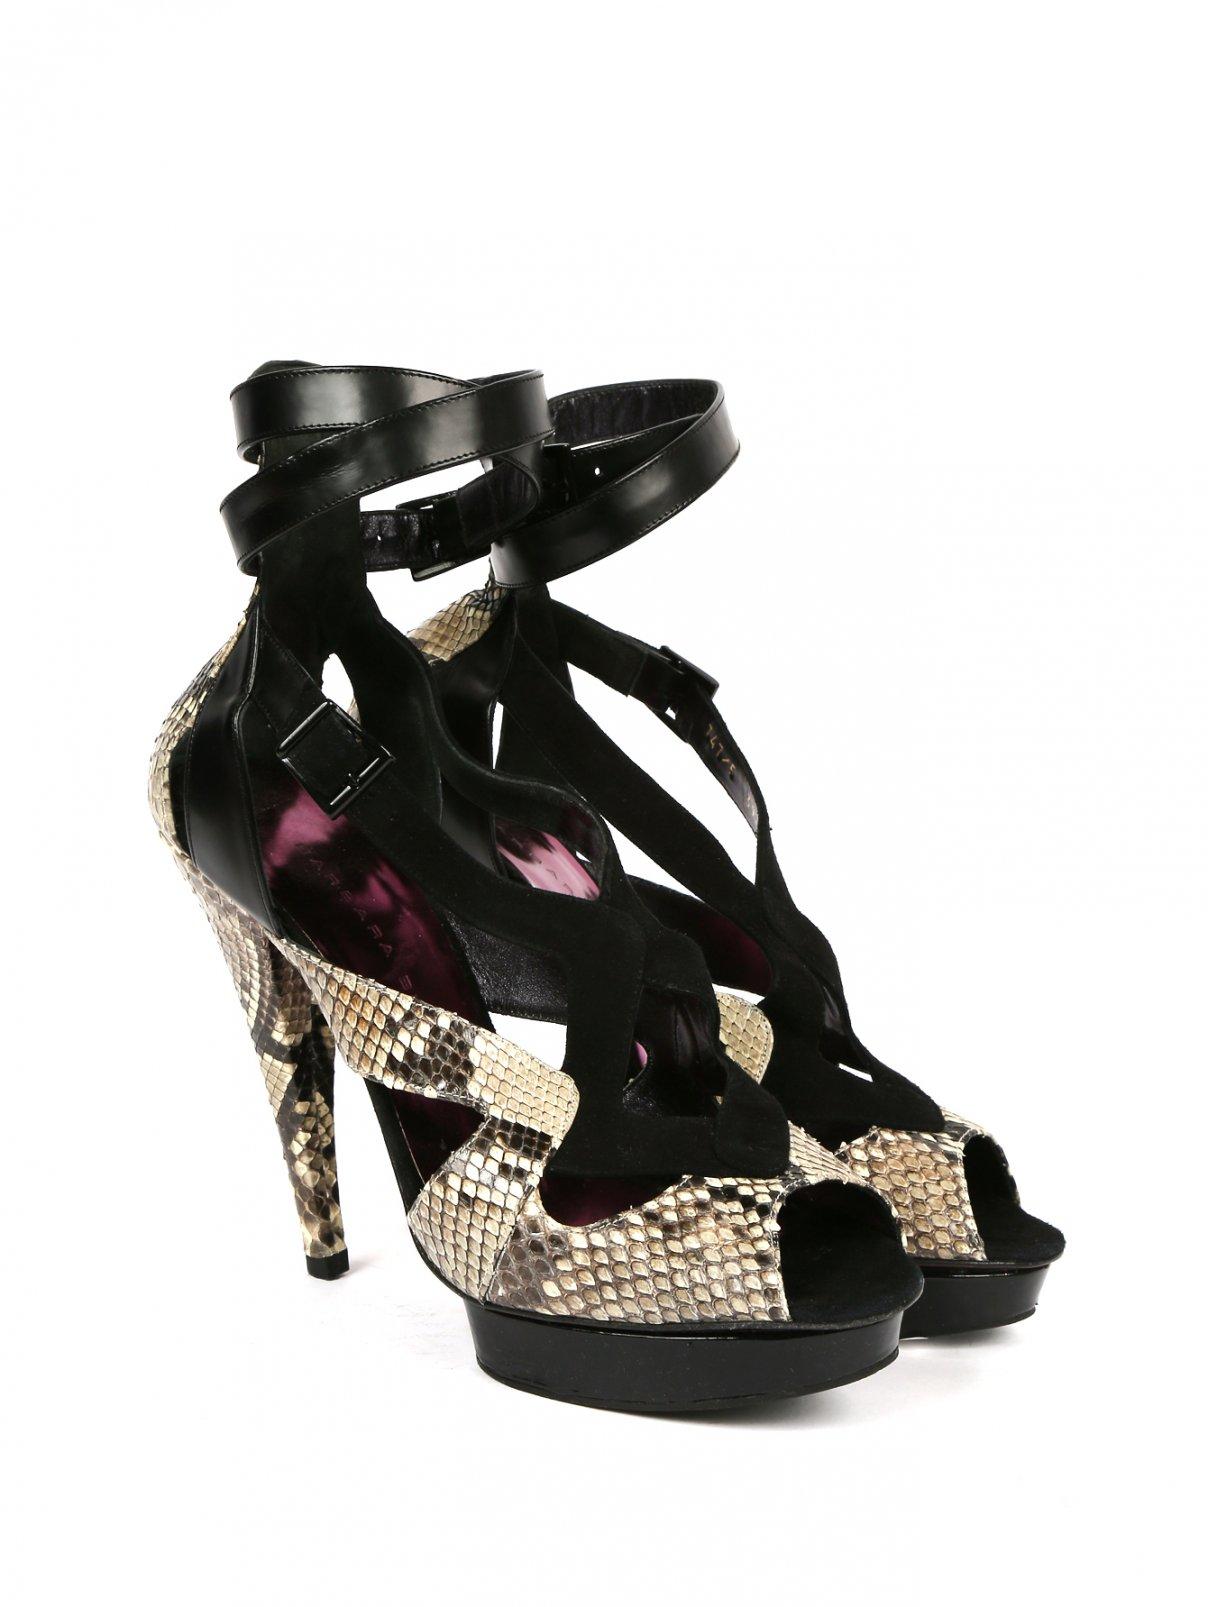 Босоножки из кожи питона на высоком каблуке Barbara Bui  –  Общий вид  – Цвет:  Узор